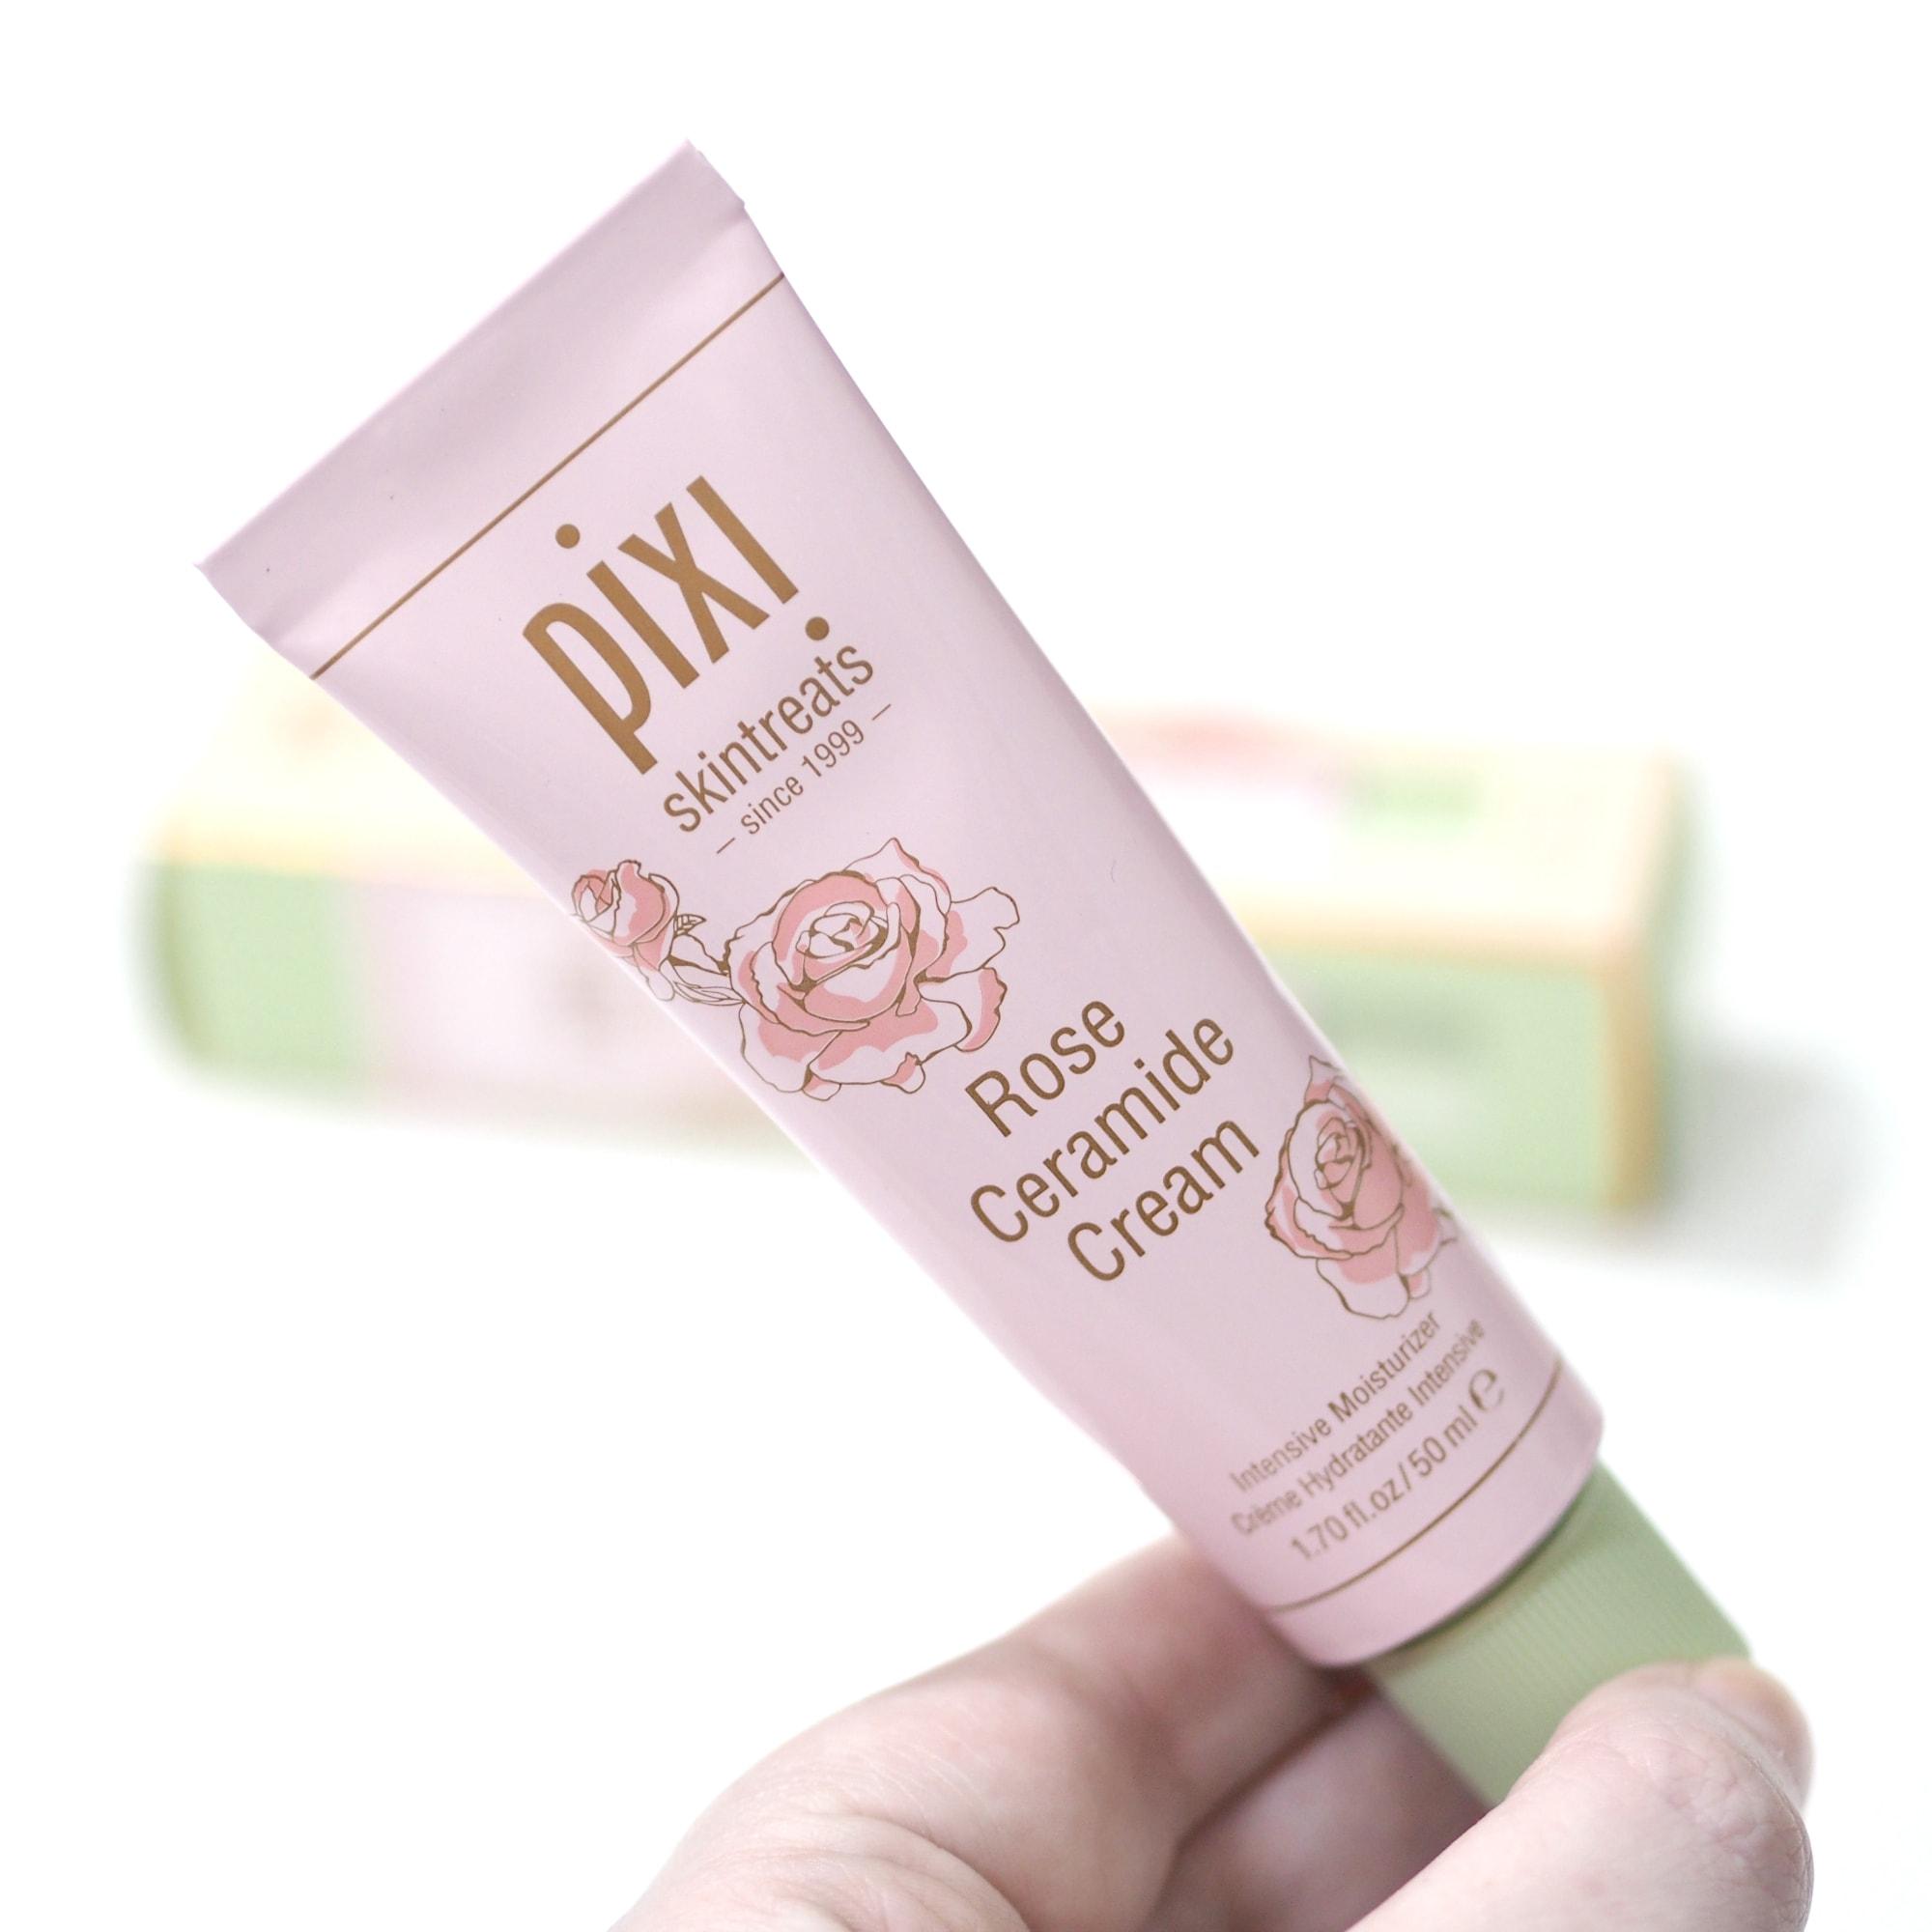 Pixi Rose Ceramide Cream Intensive Moisturiser Review